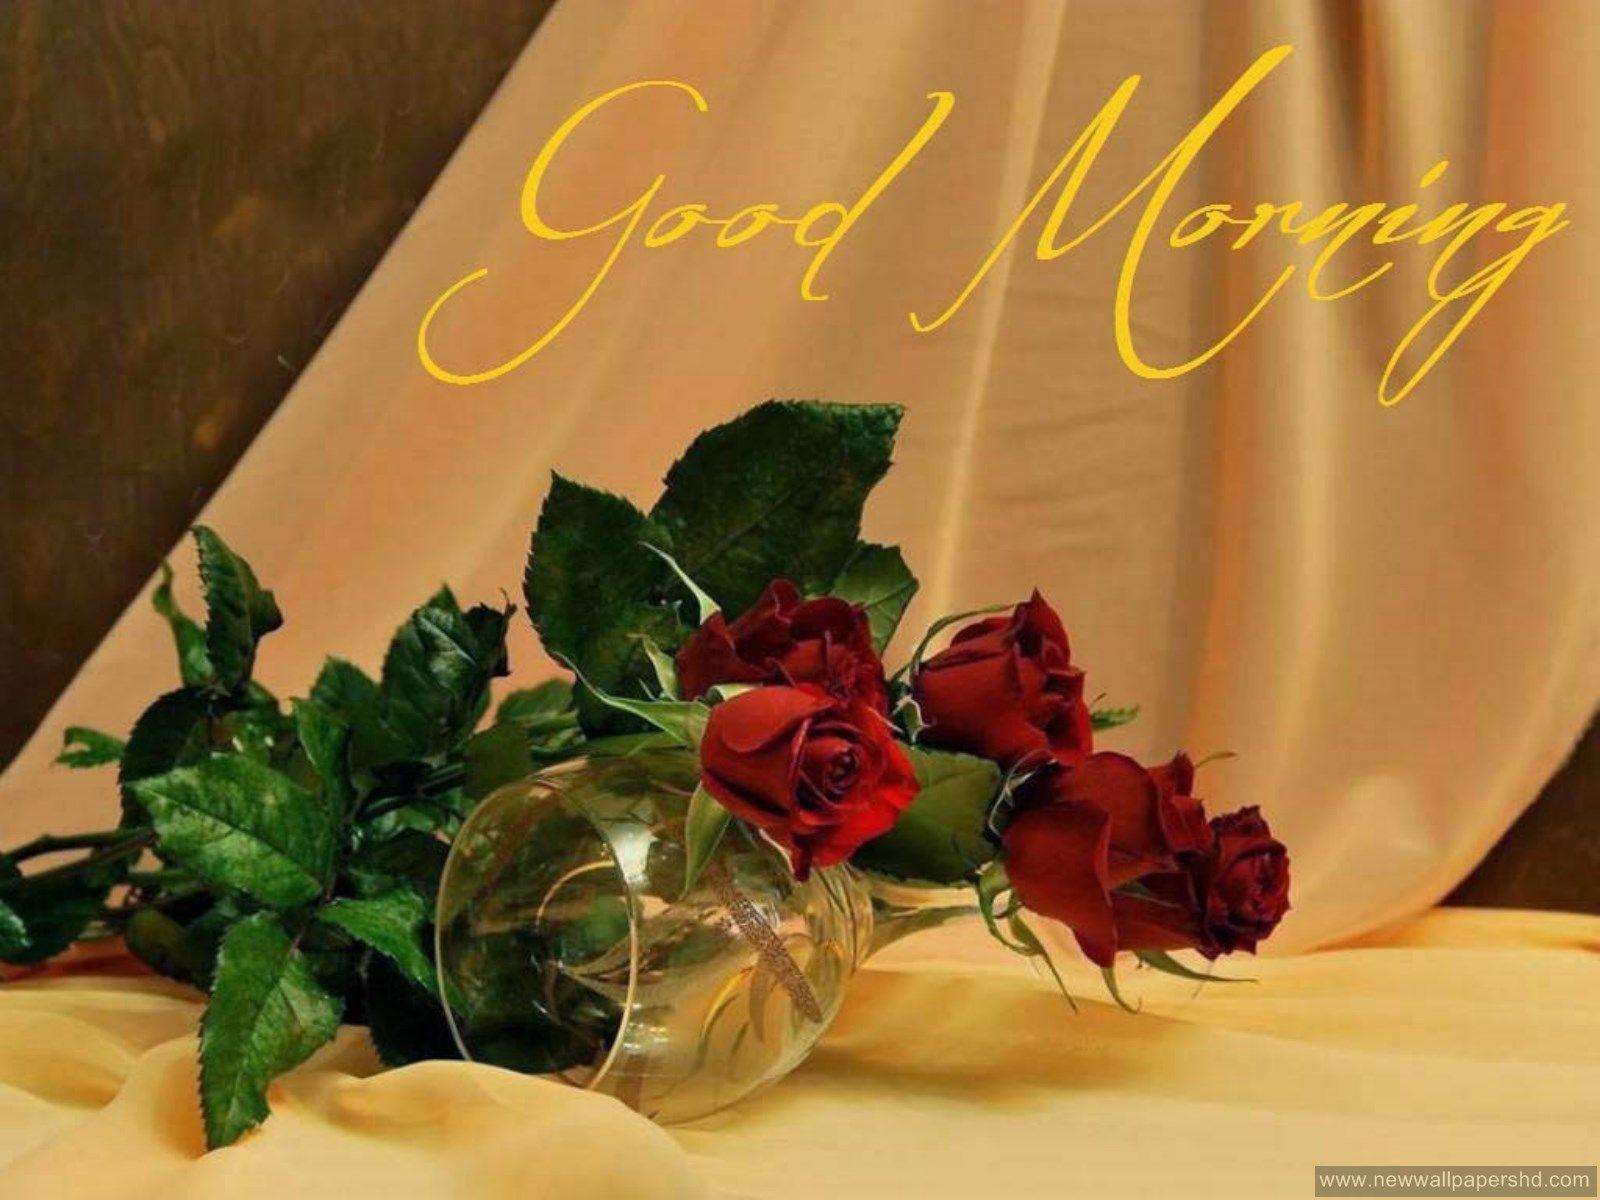 stylish Good Morning HD Wallpapers in English & Hindi   HD Walls